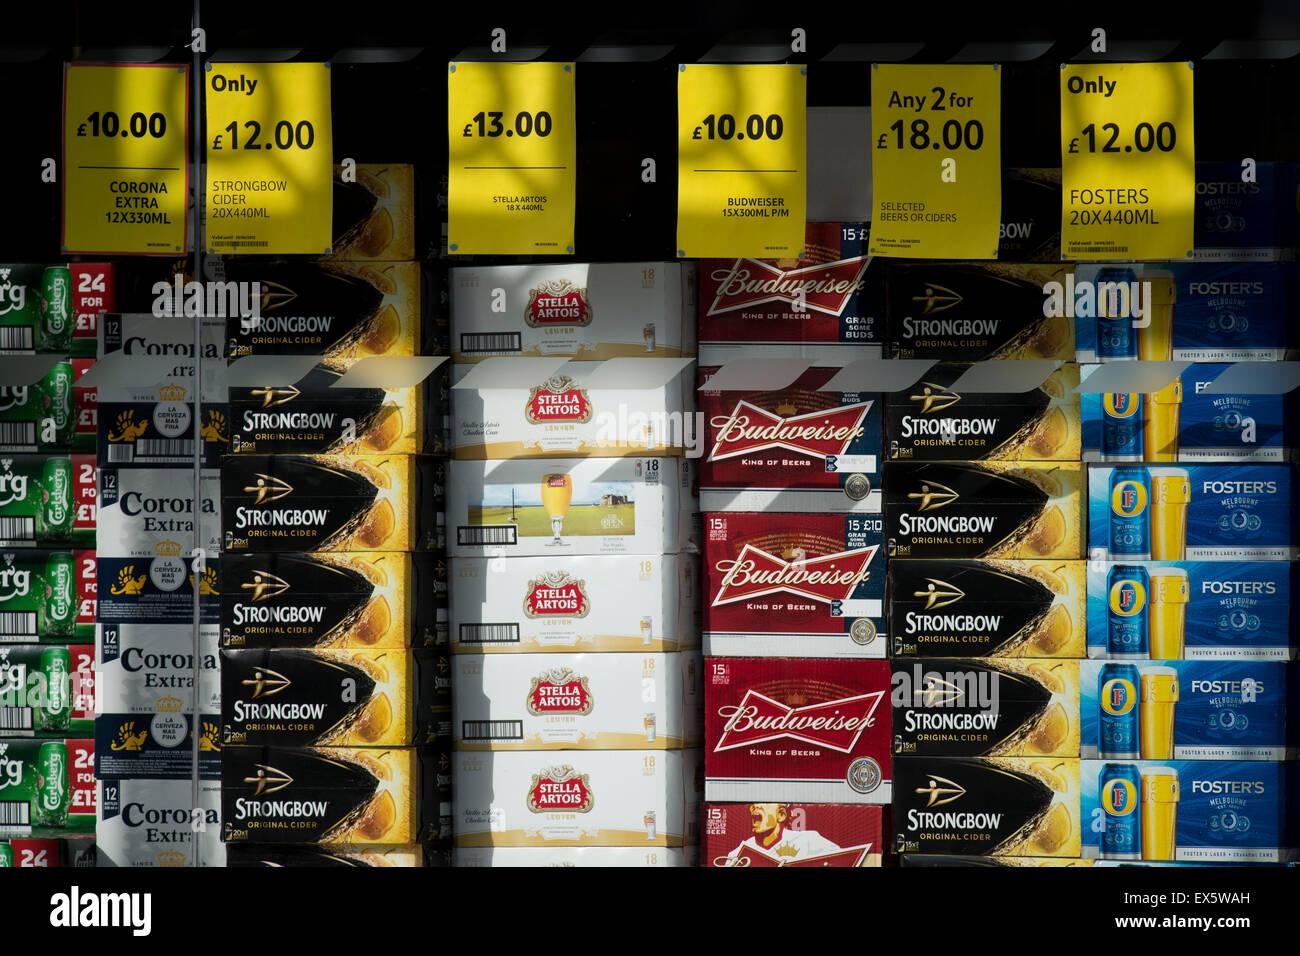 Billigen Alkohol zum Verkauf in einem Supermarkt-Fenster. Stockbild